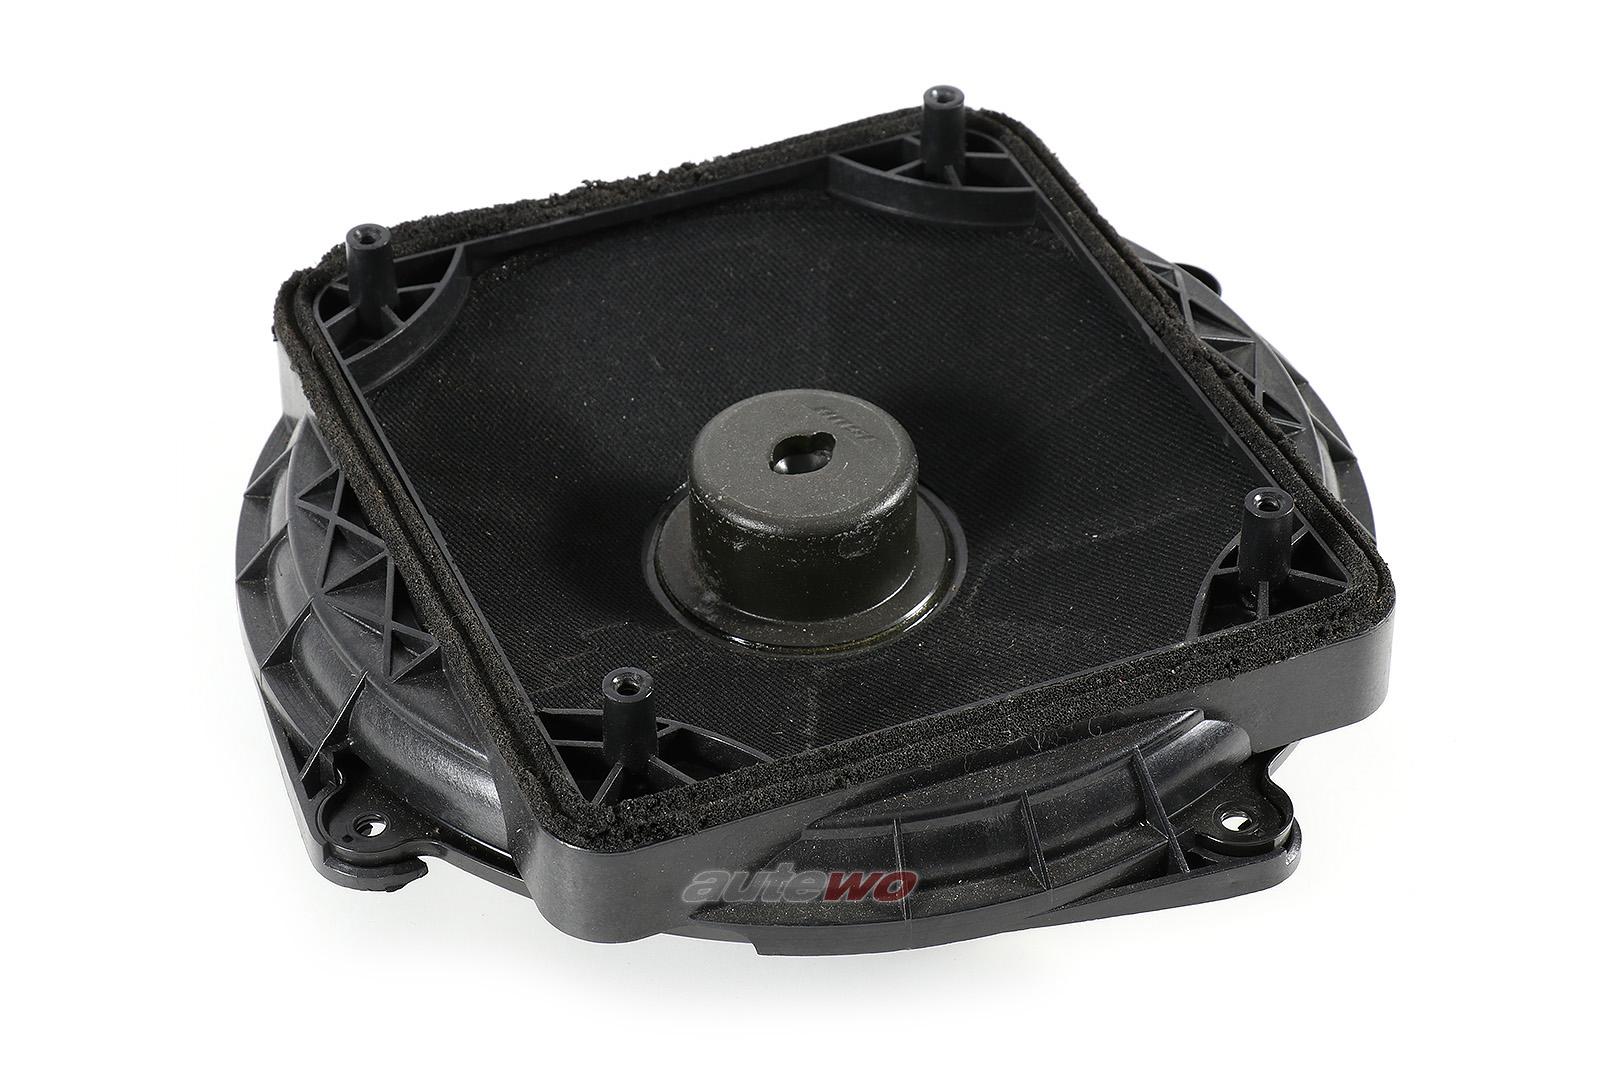 8N7035401A Audi TT 8N Roadster Lautsprecher/Subwoofer BOSE Soundsystem Hinten